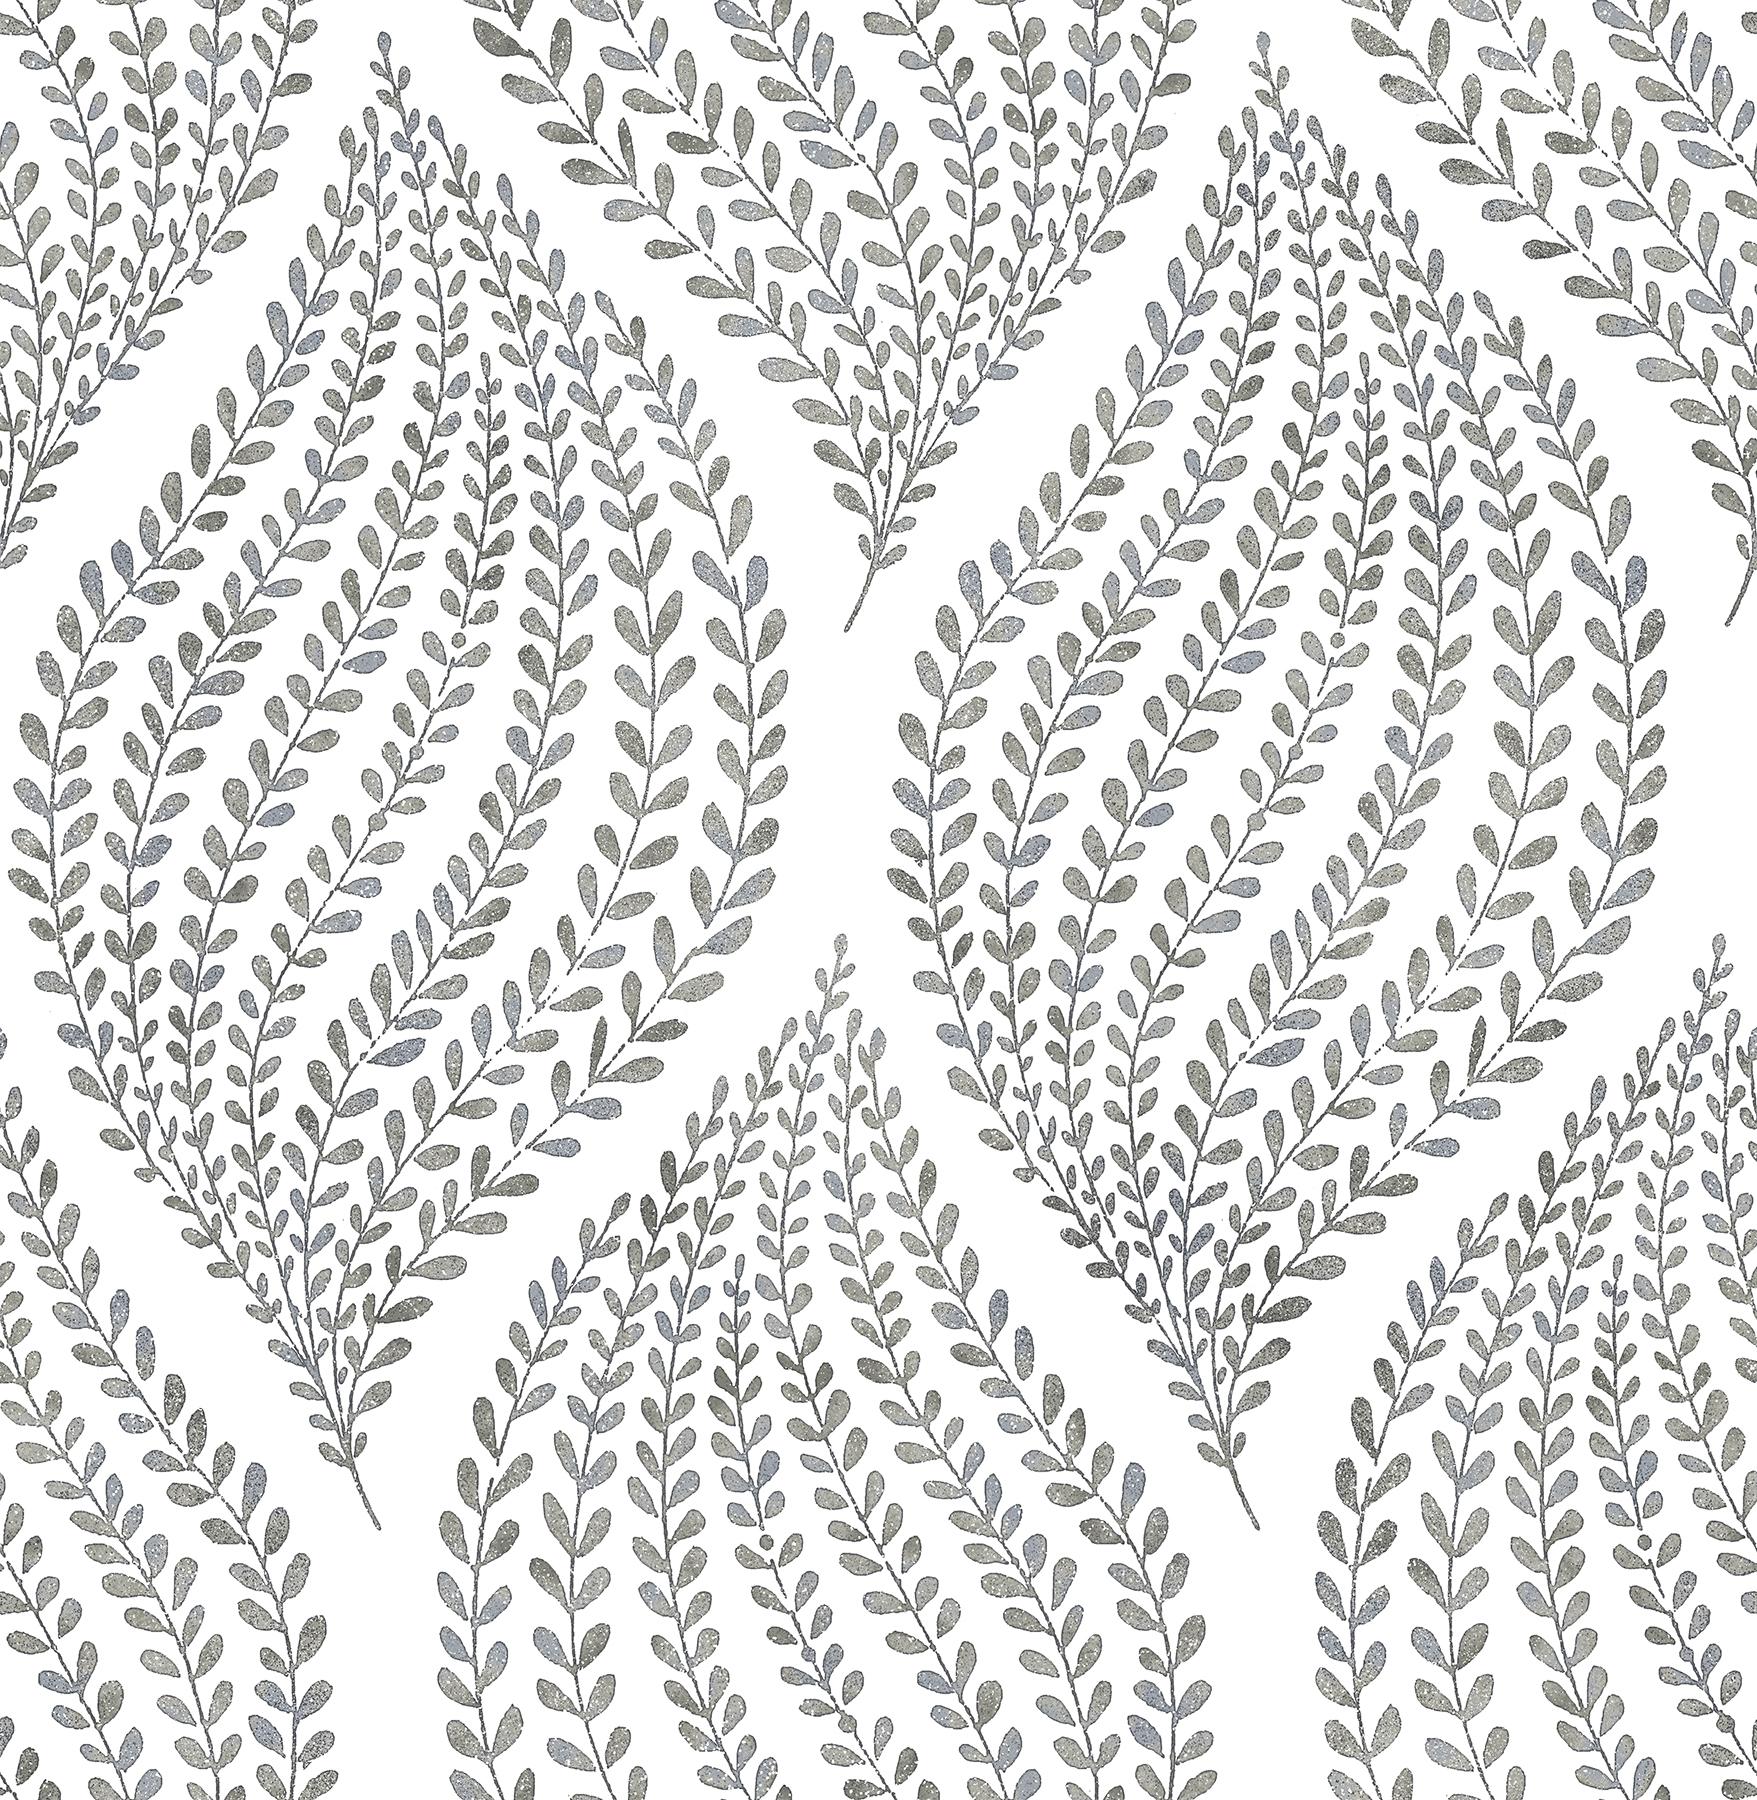 Picture of Arboretum Fog Leaves Wallpaper